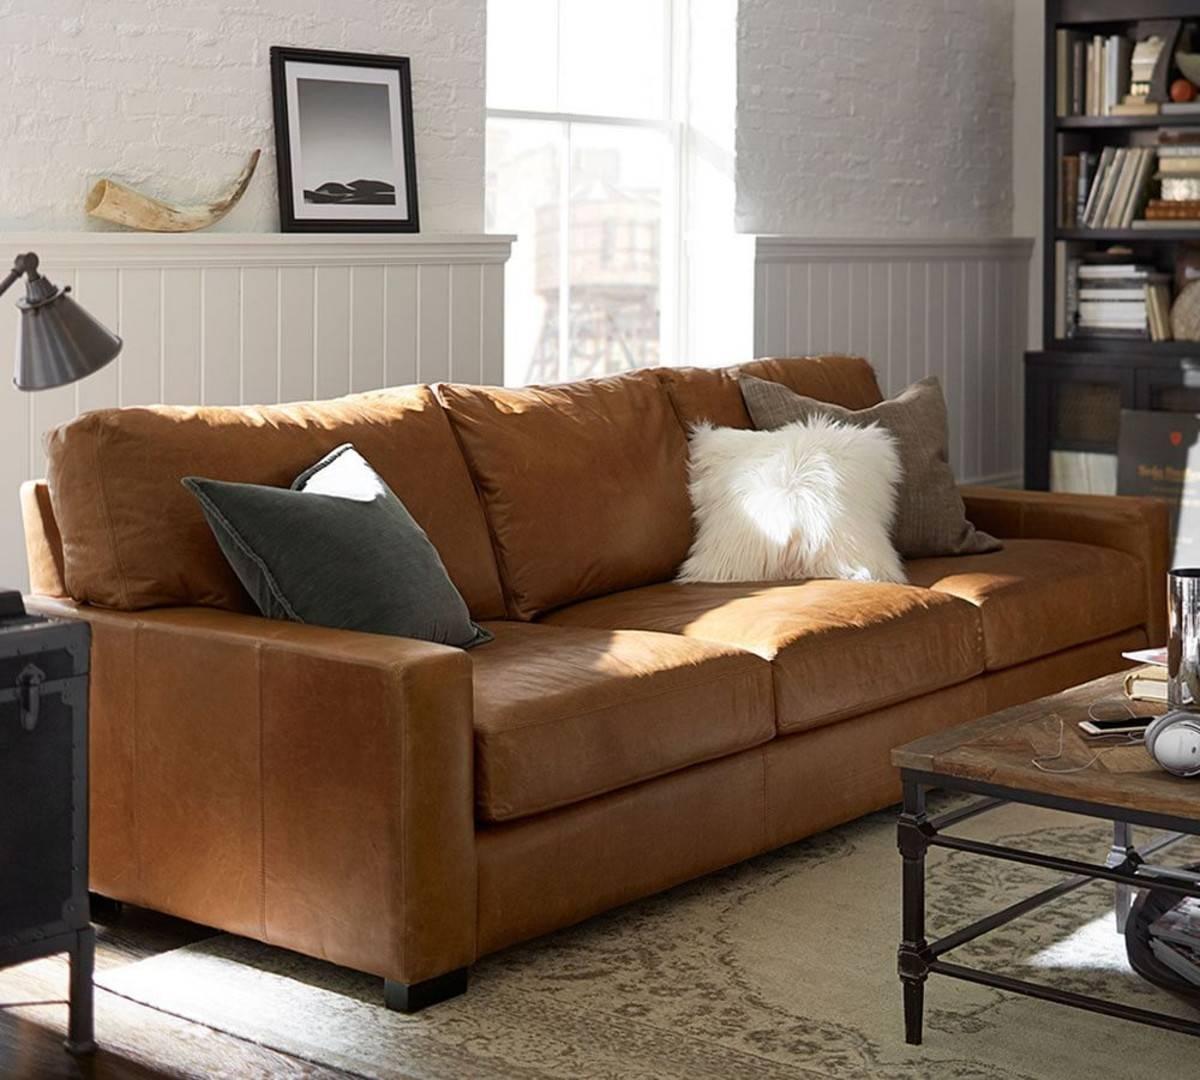 Unique Caramel Leather Sofa 28 On Sofa Room Ideas With Caramel With Caramel Leather Sofas (View 14 of 15)